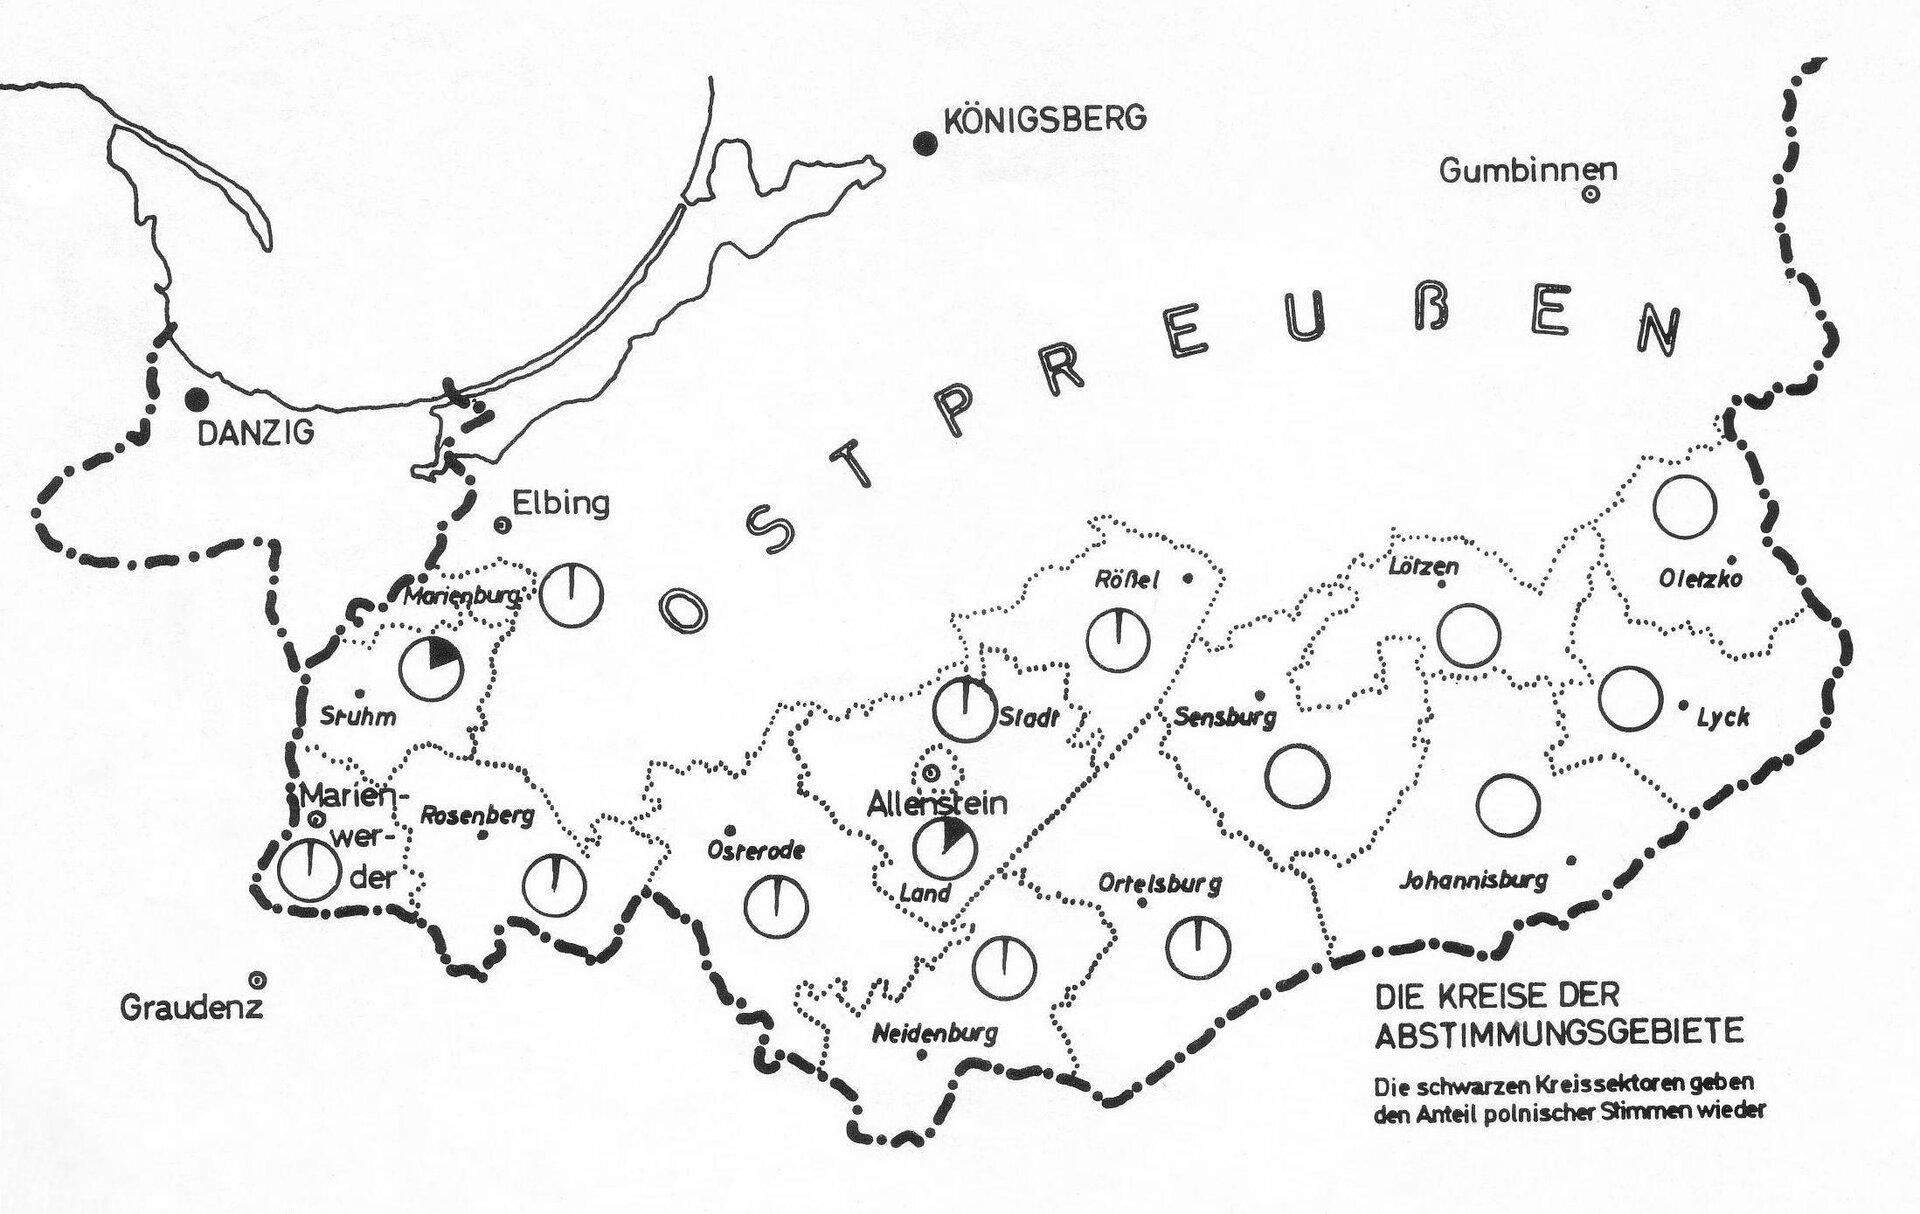 Odwzorowanie graficzne wyników plebiscytu dla poszczególnych jednostek terytorialnych Warmii iPowiśla Czarny kolor na diagramach odpowiadających poszczególnym powiatom oznacza procent głosujących za przynależnością do Polski. Źródło: Odwzorowanie graficzne wyników plebiscytu dla poszczególnych jednostek terytorialnych Warmii iPowiśla, 1920, domena publiczna.